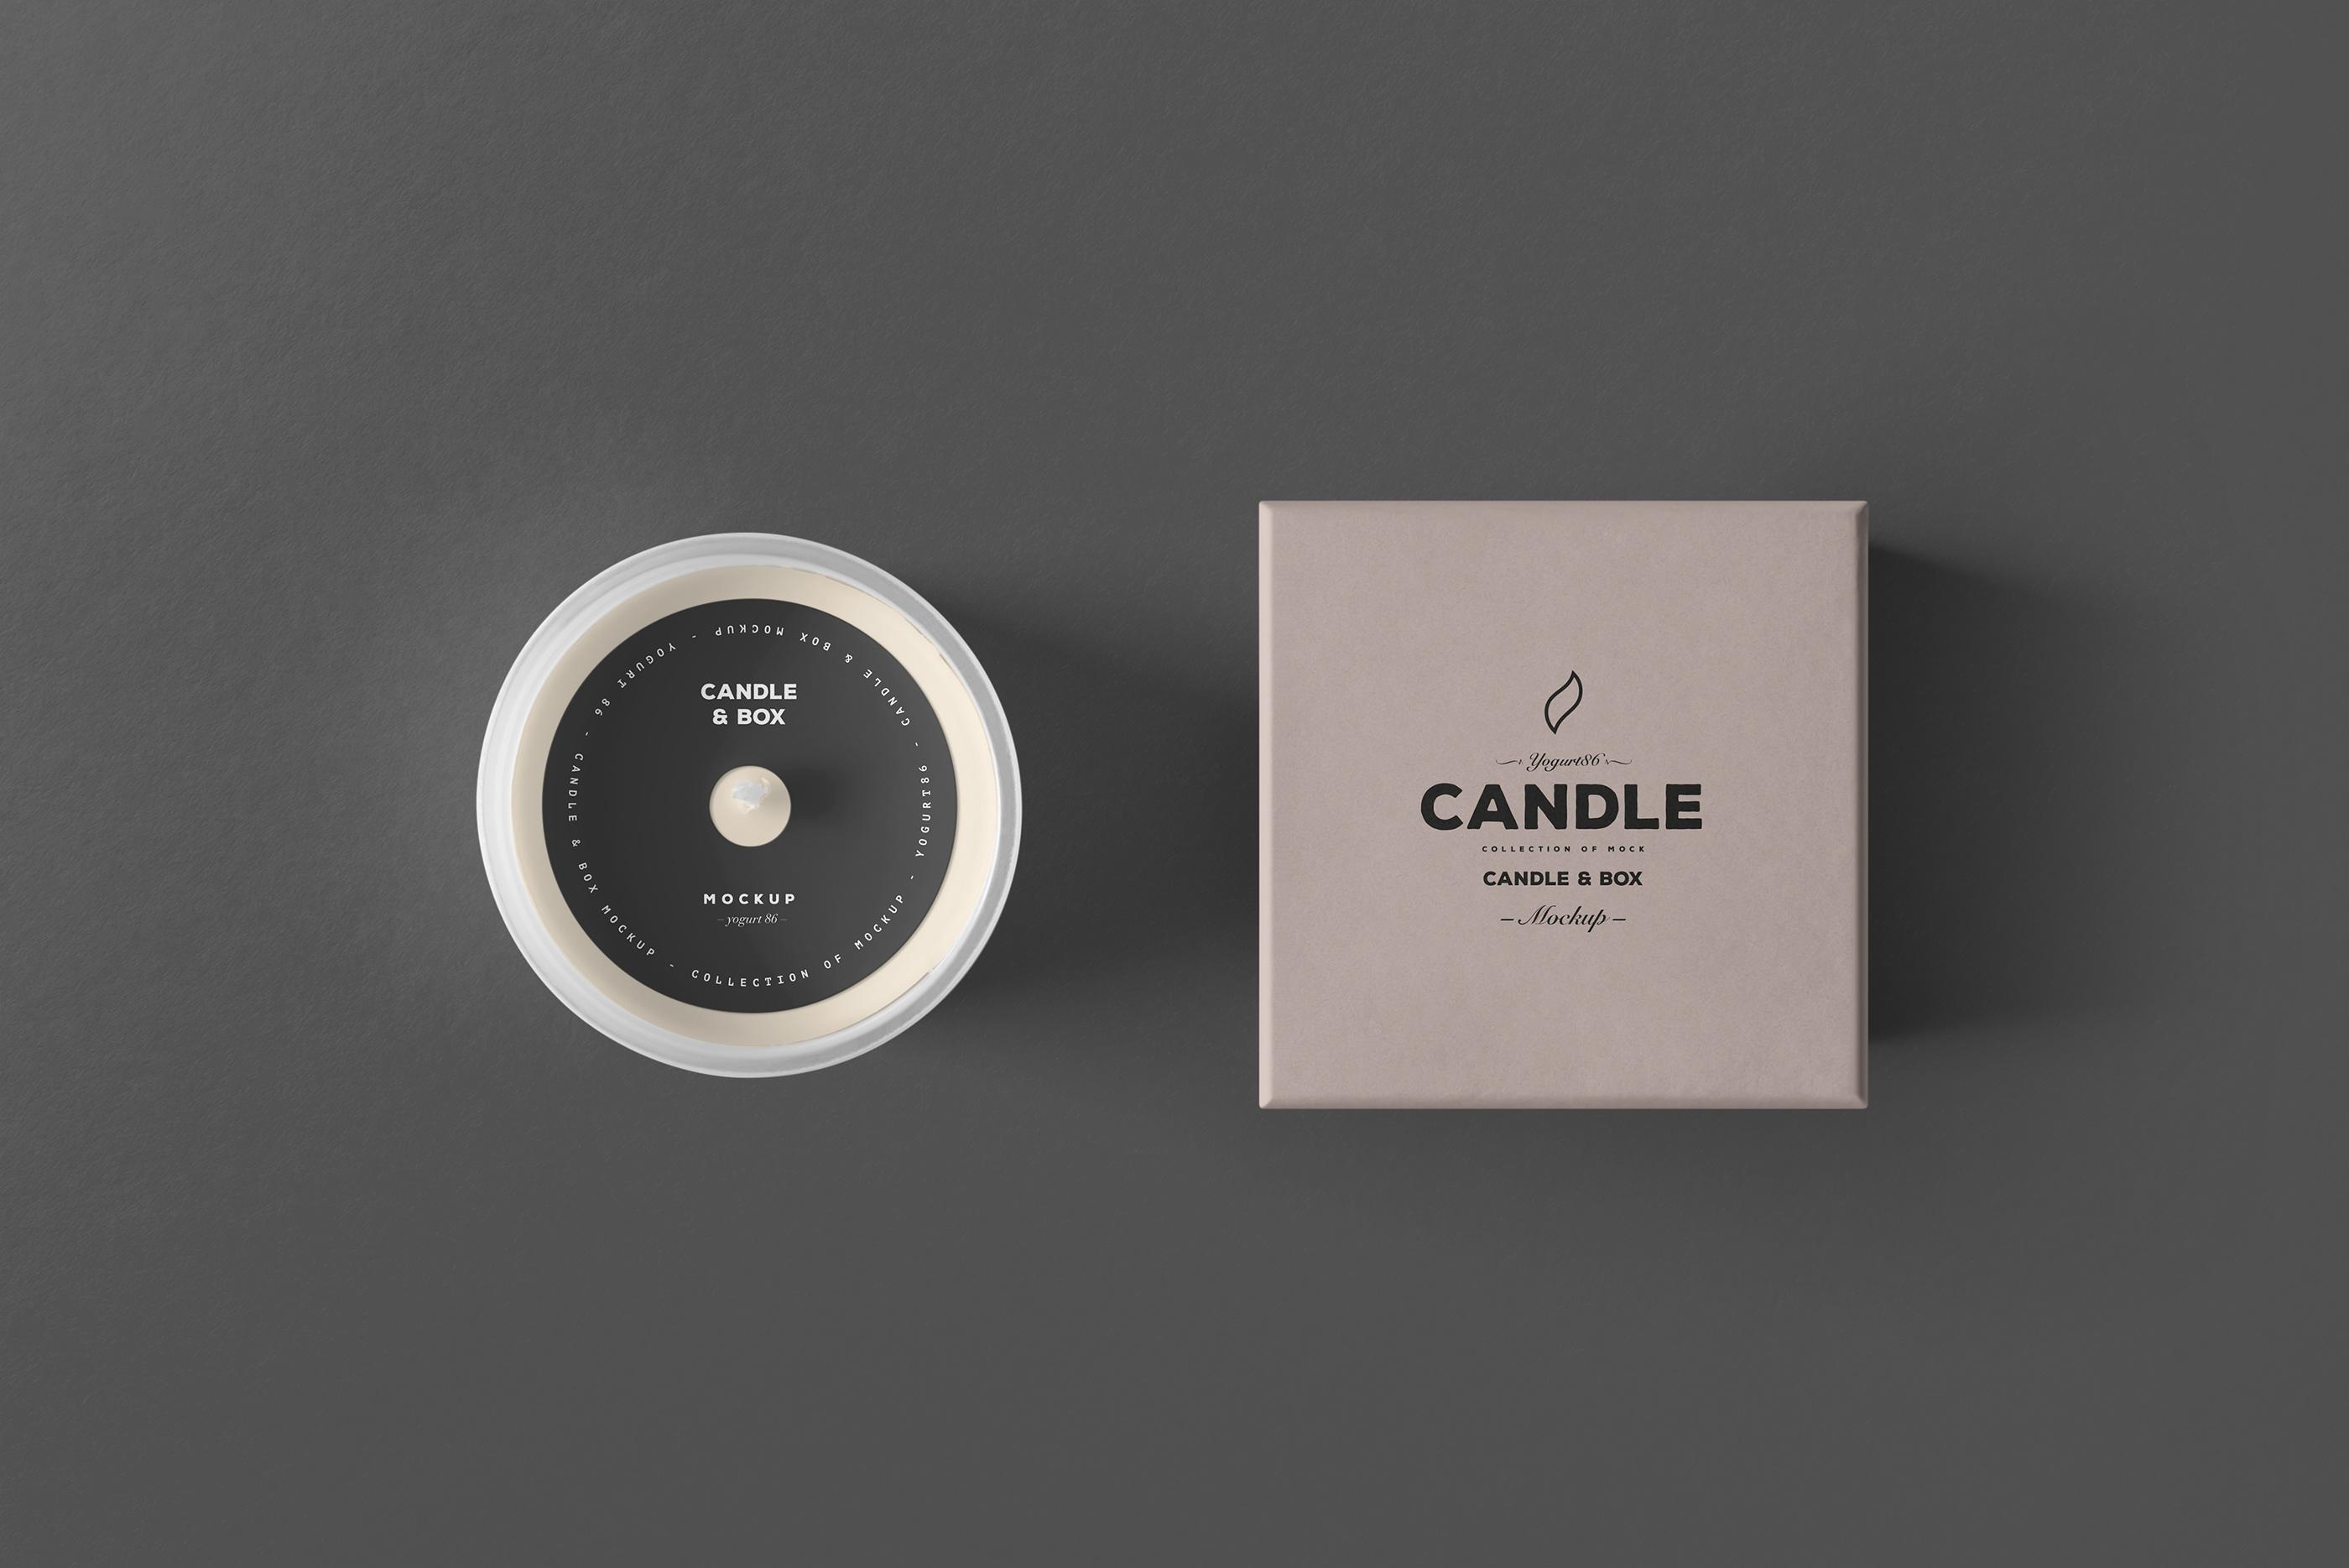 时尚的蜡烛香薰玻璃杯包装设计展示样机 Candle & Box Mock-up